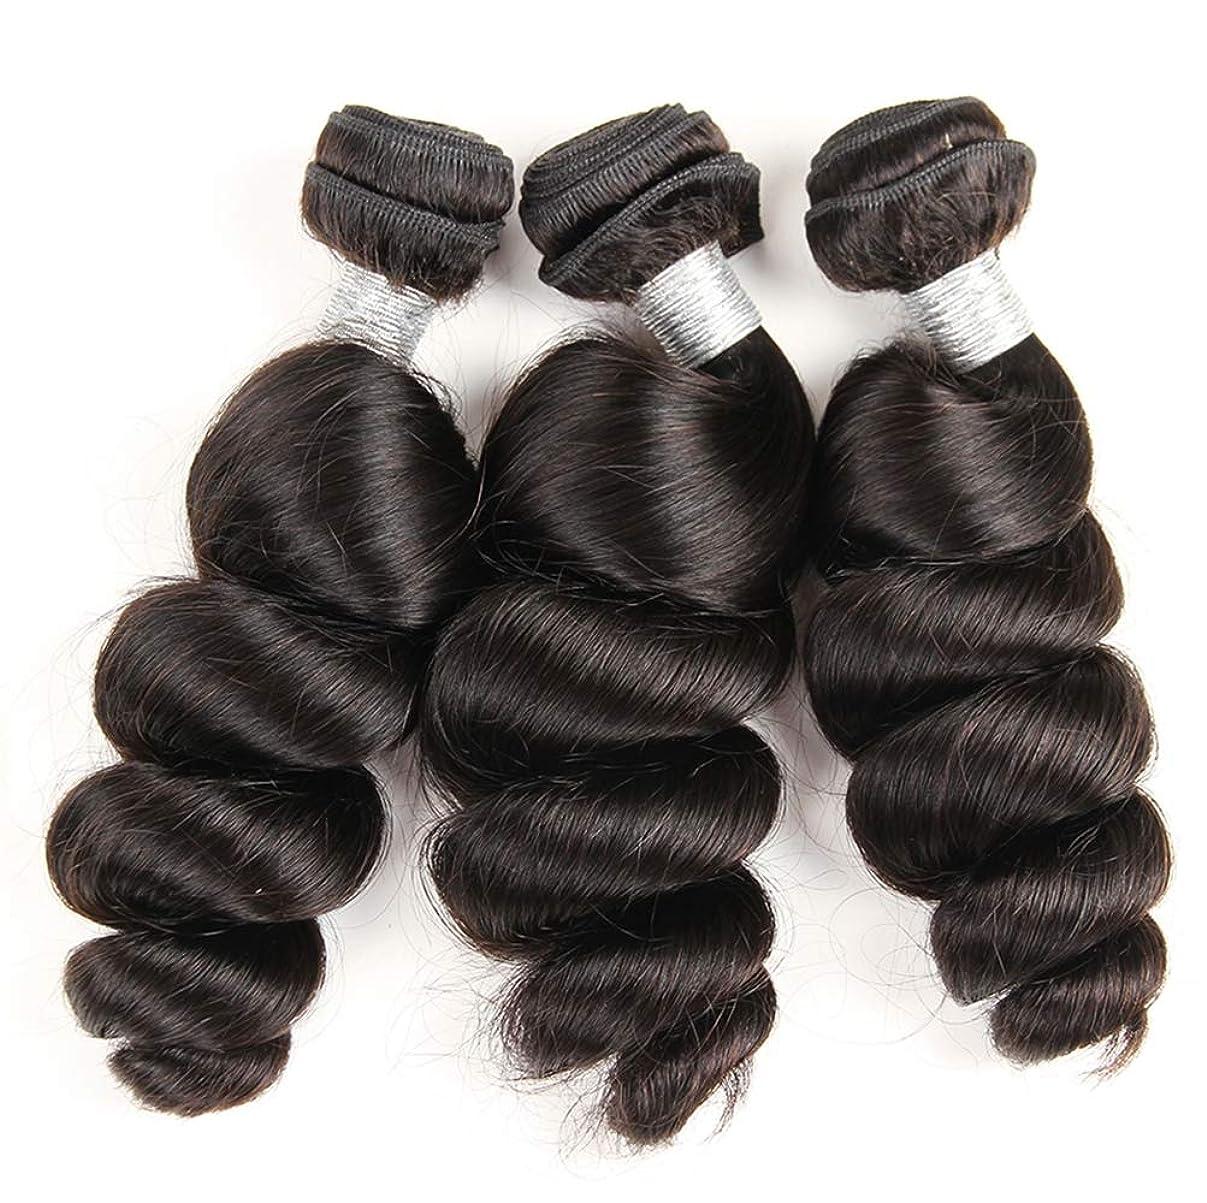 平方ボウル説明女性の髪織り150%密度髪8a未処理ブラジルバージンヘア実体波1バンドルバージン人間の髪の毛